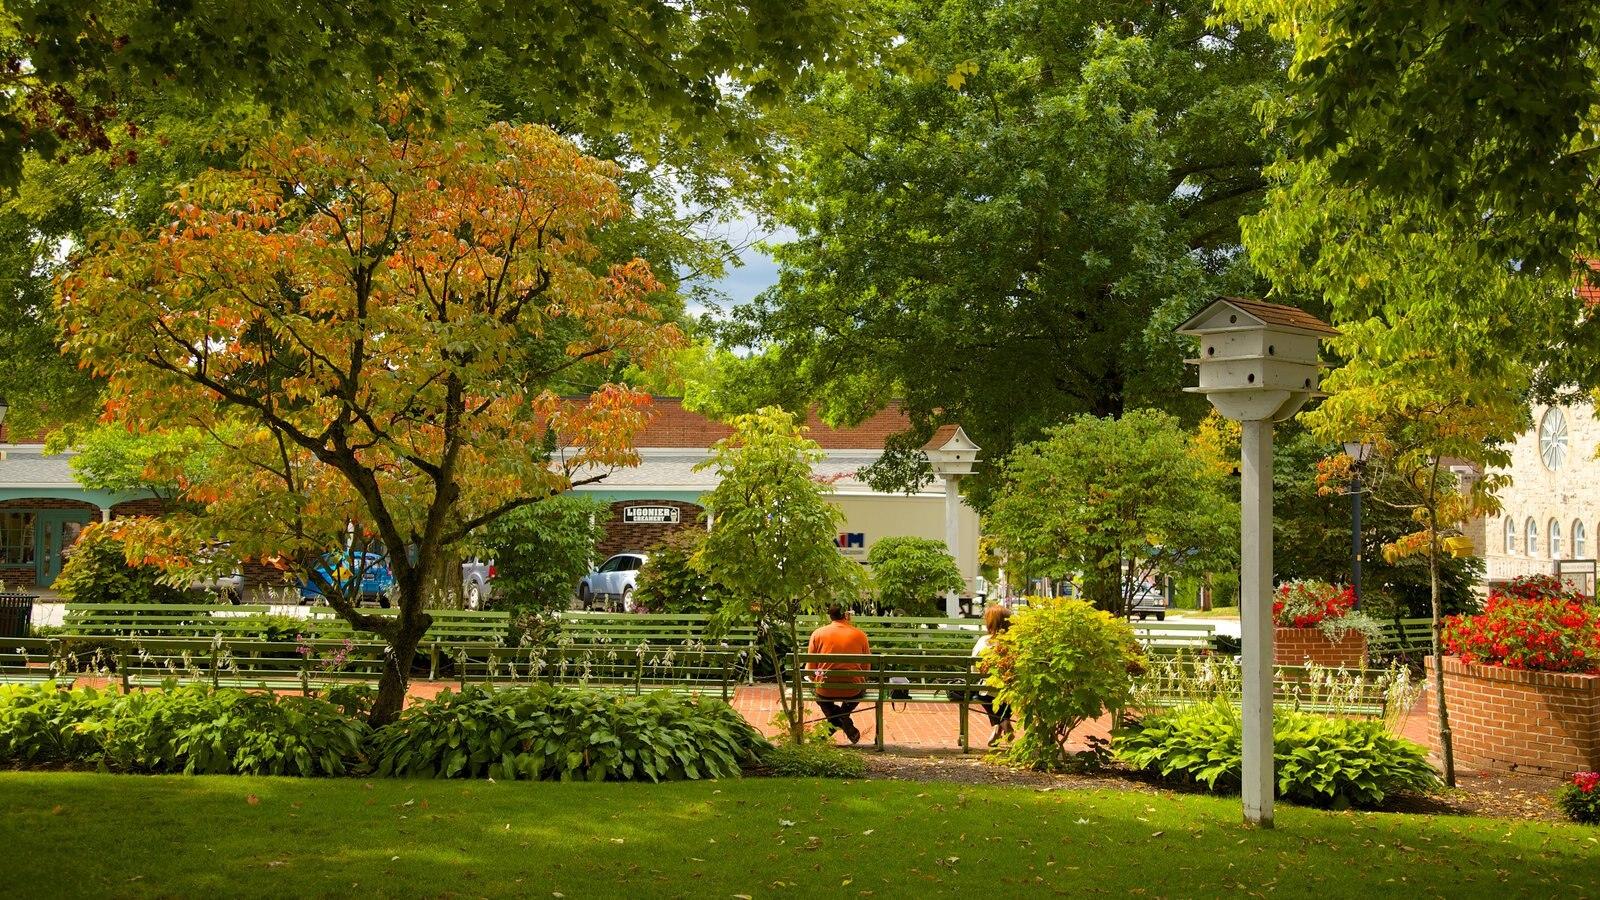 Ligonier caracterizando um parque